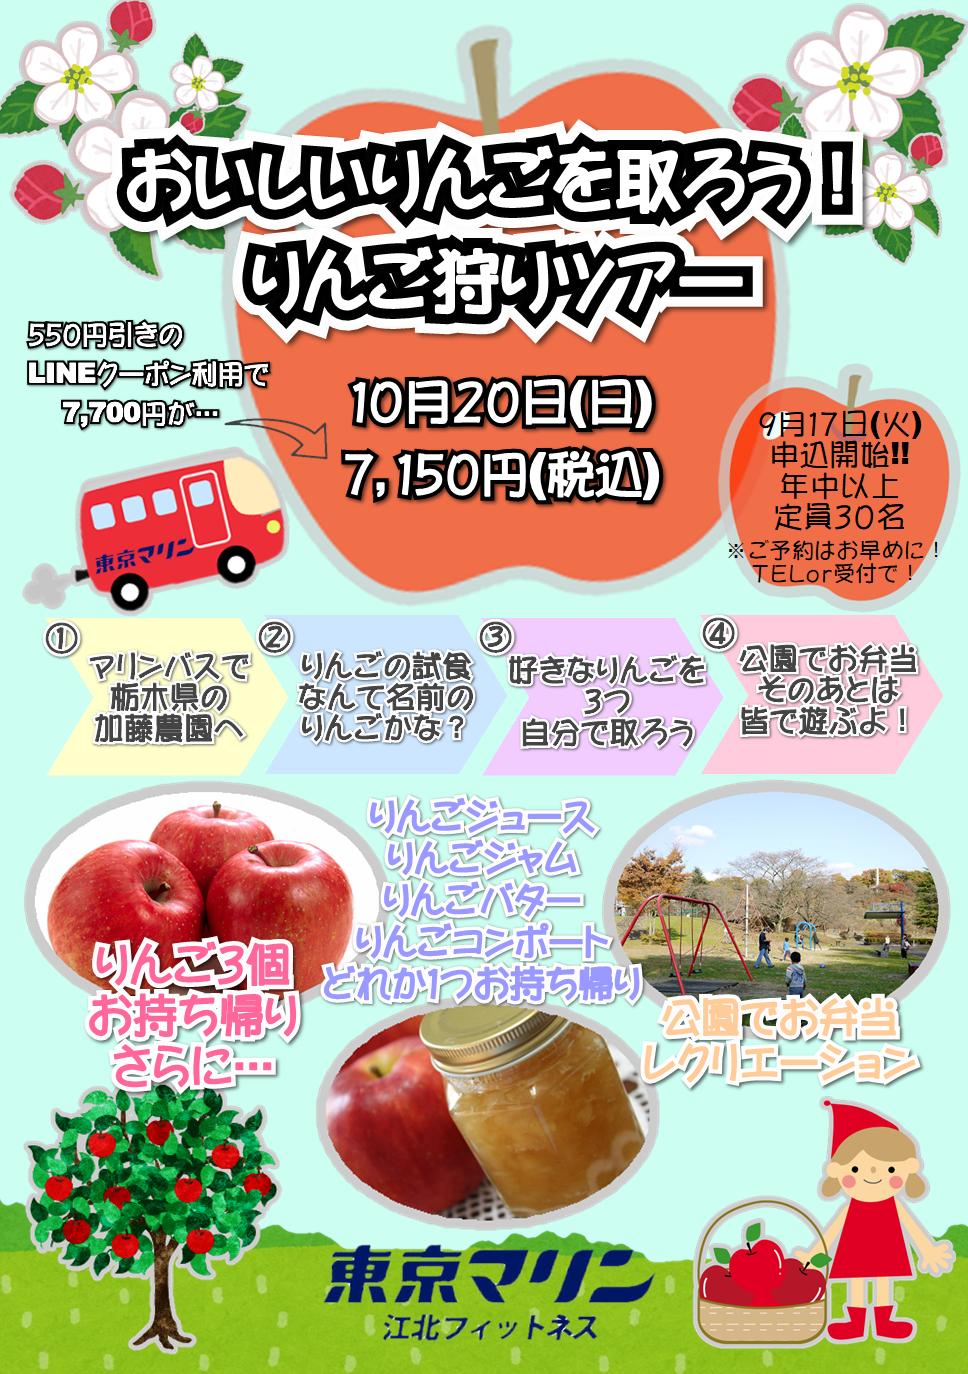 江北フィットネス 「おいしいりんごを取ろう!りんご狩りツアー」募集開始